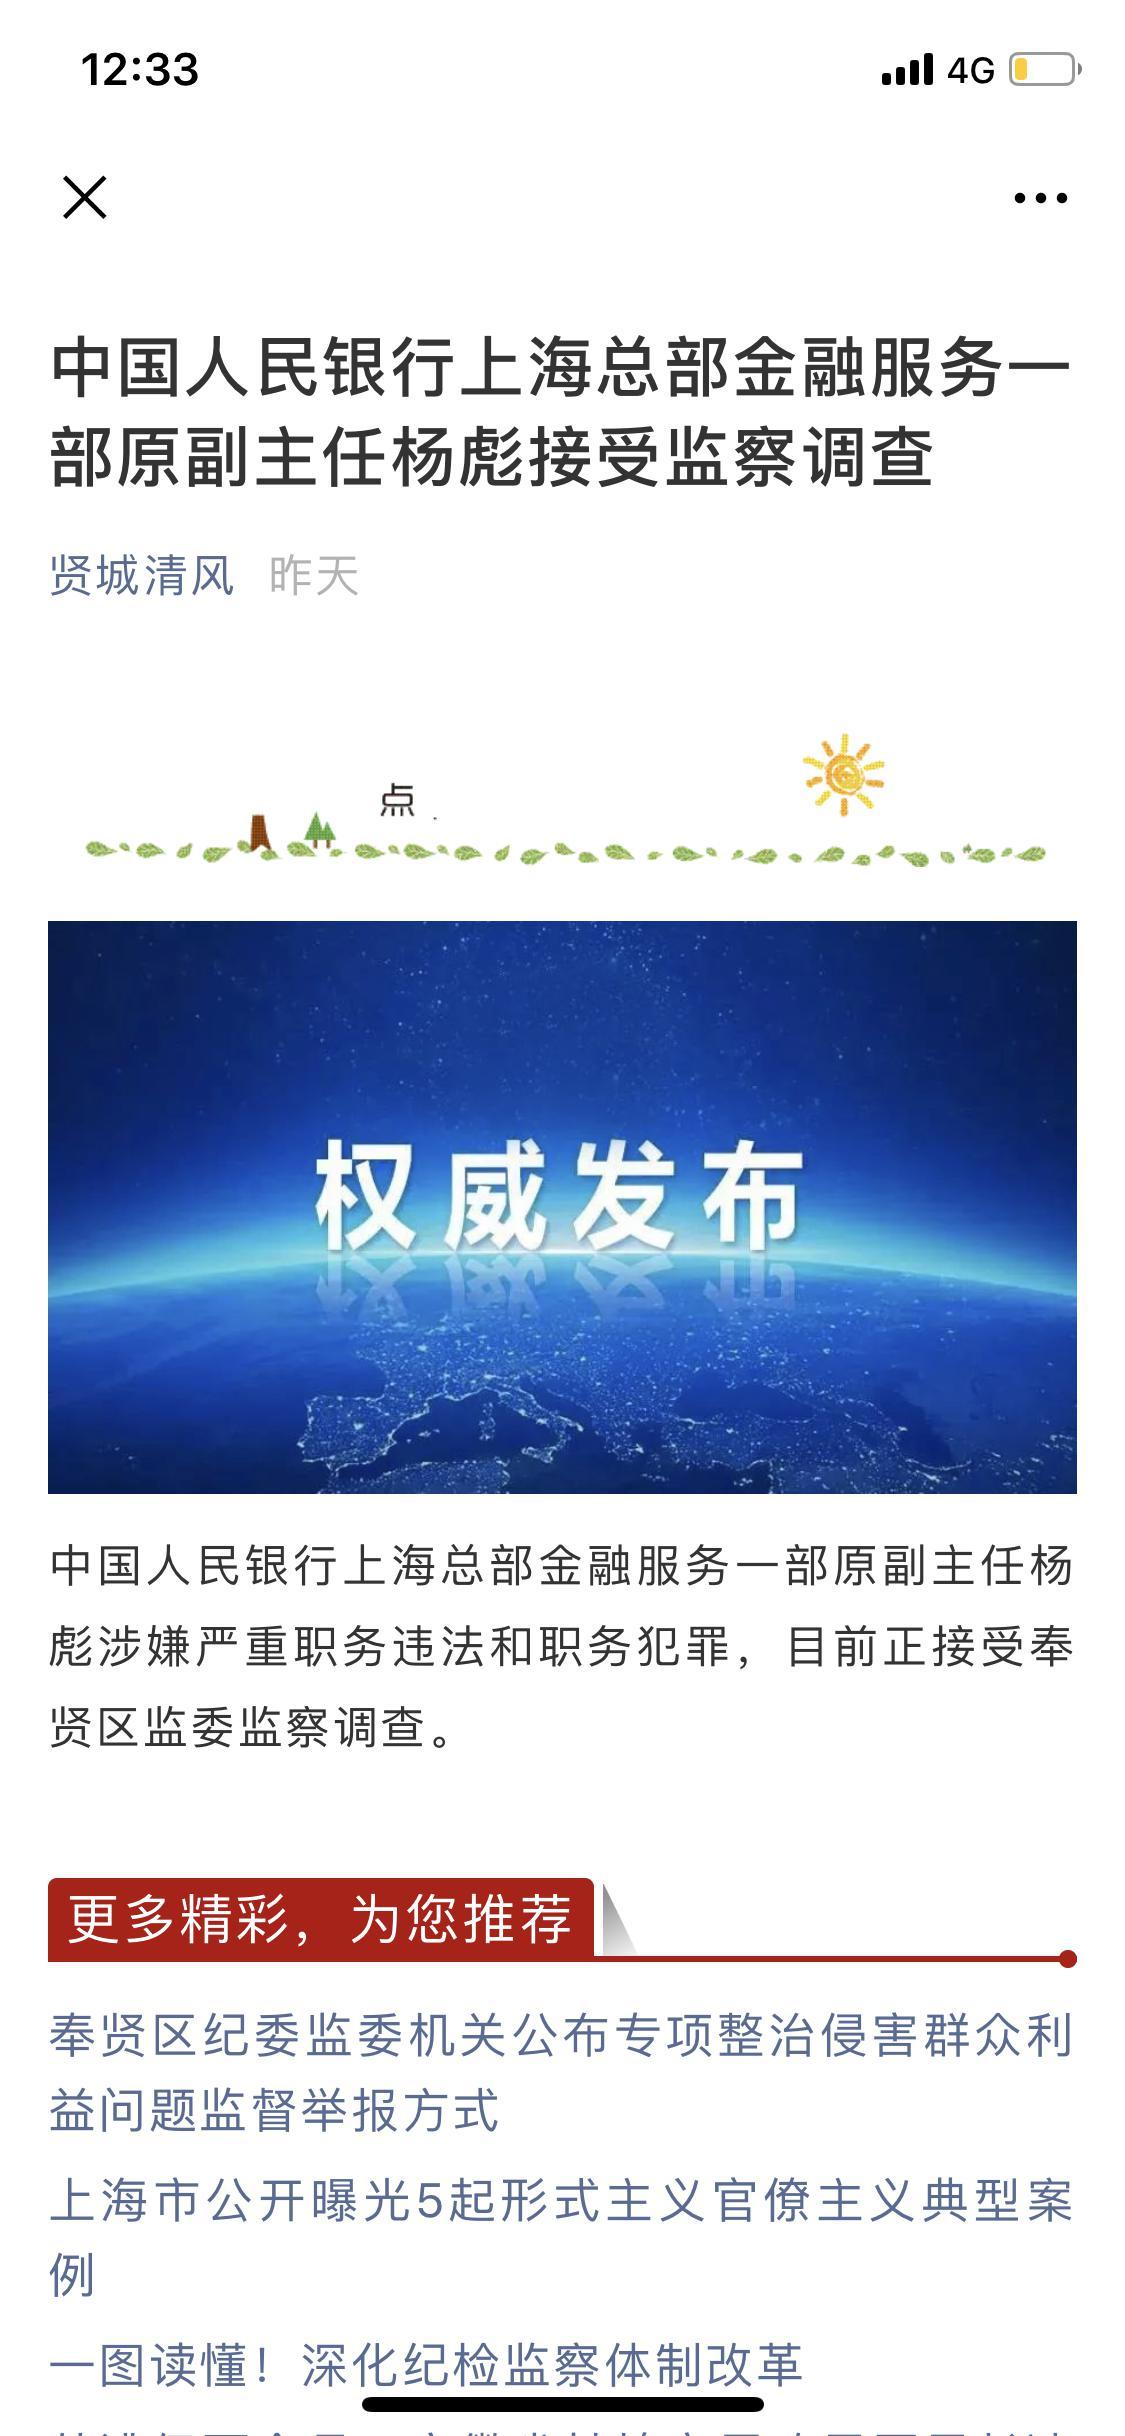 云顶游戏中心-北京拟规定:法规草案向社会公开征求意见,时间拟不少于30日